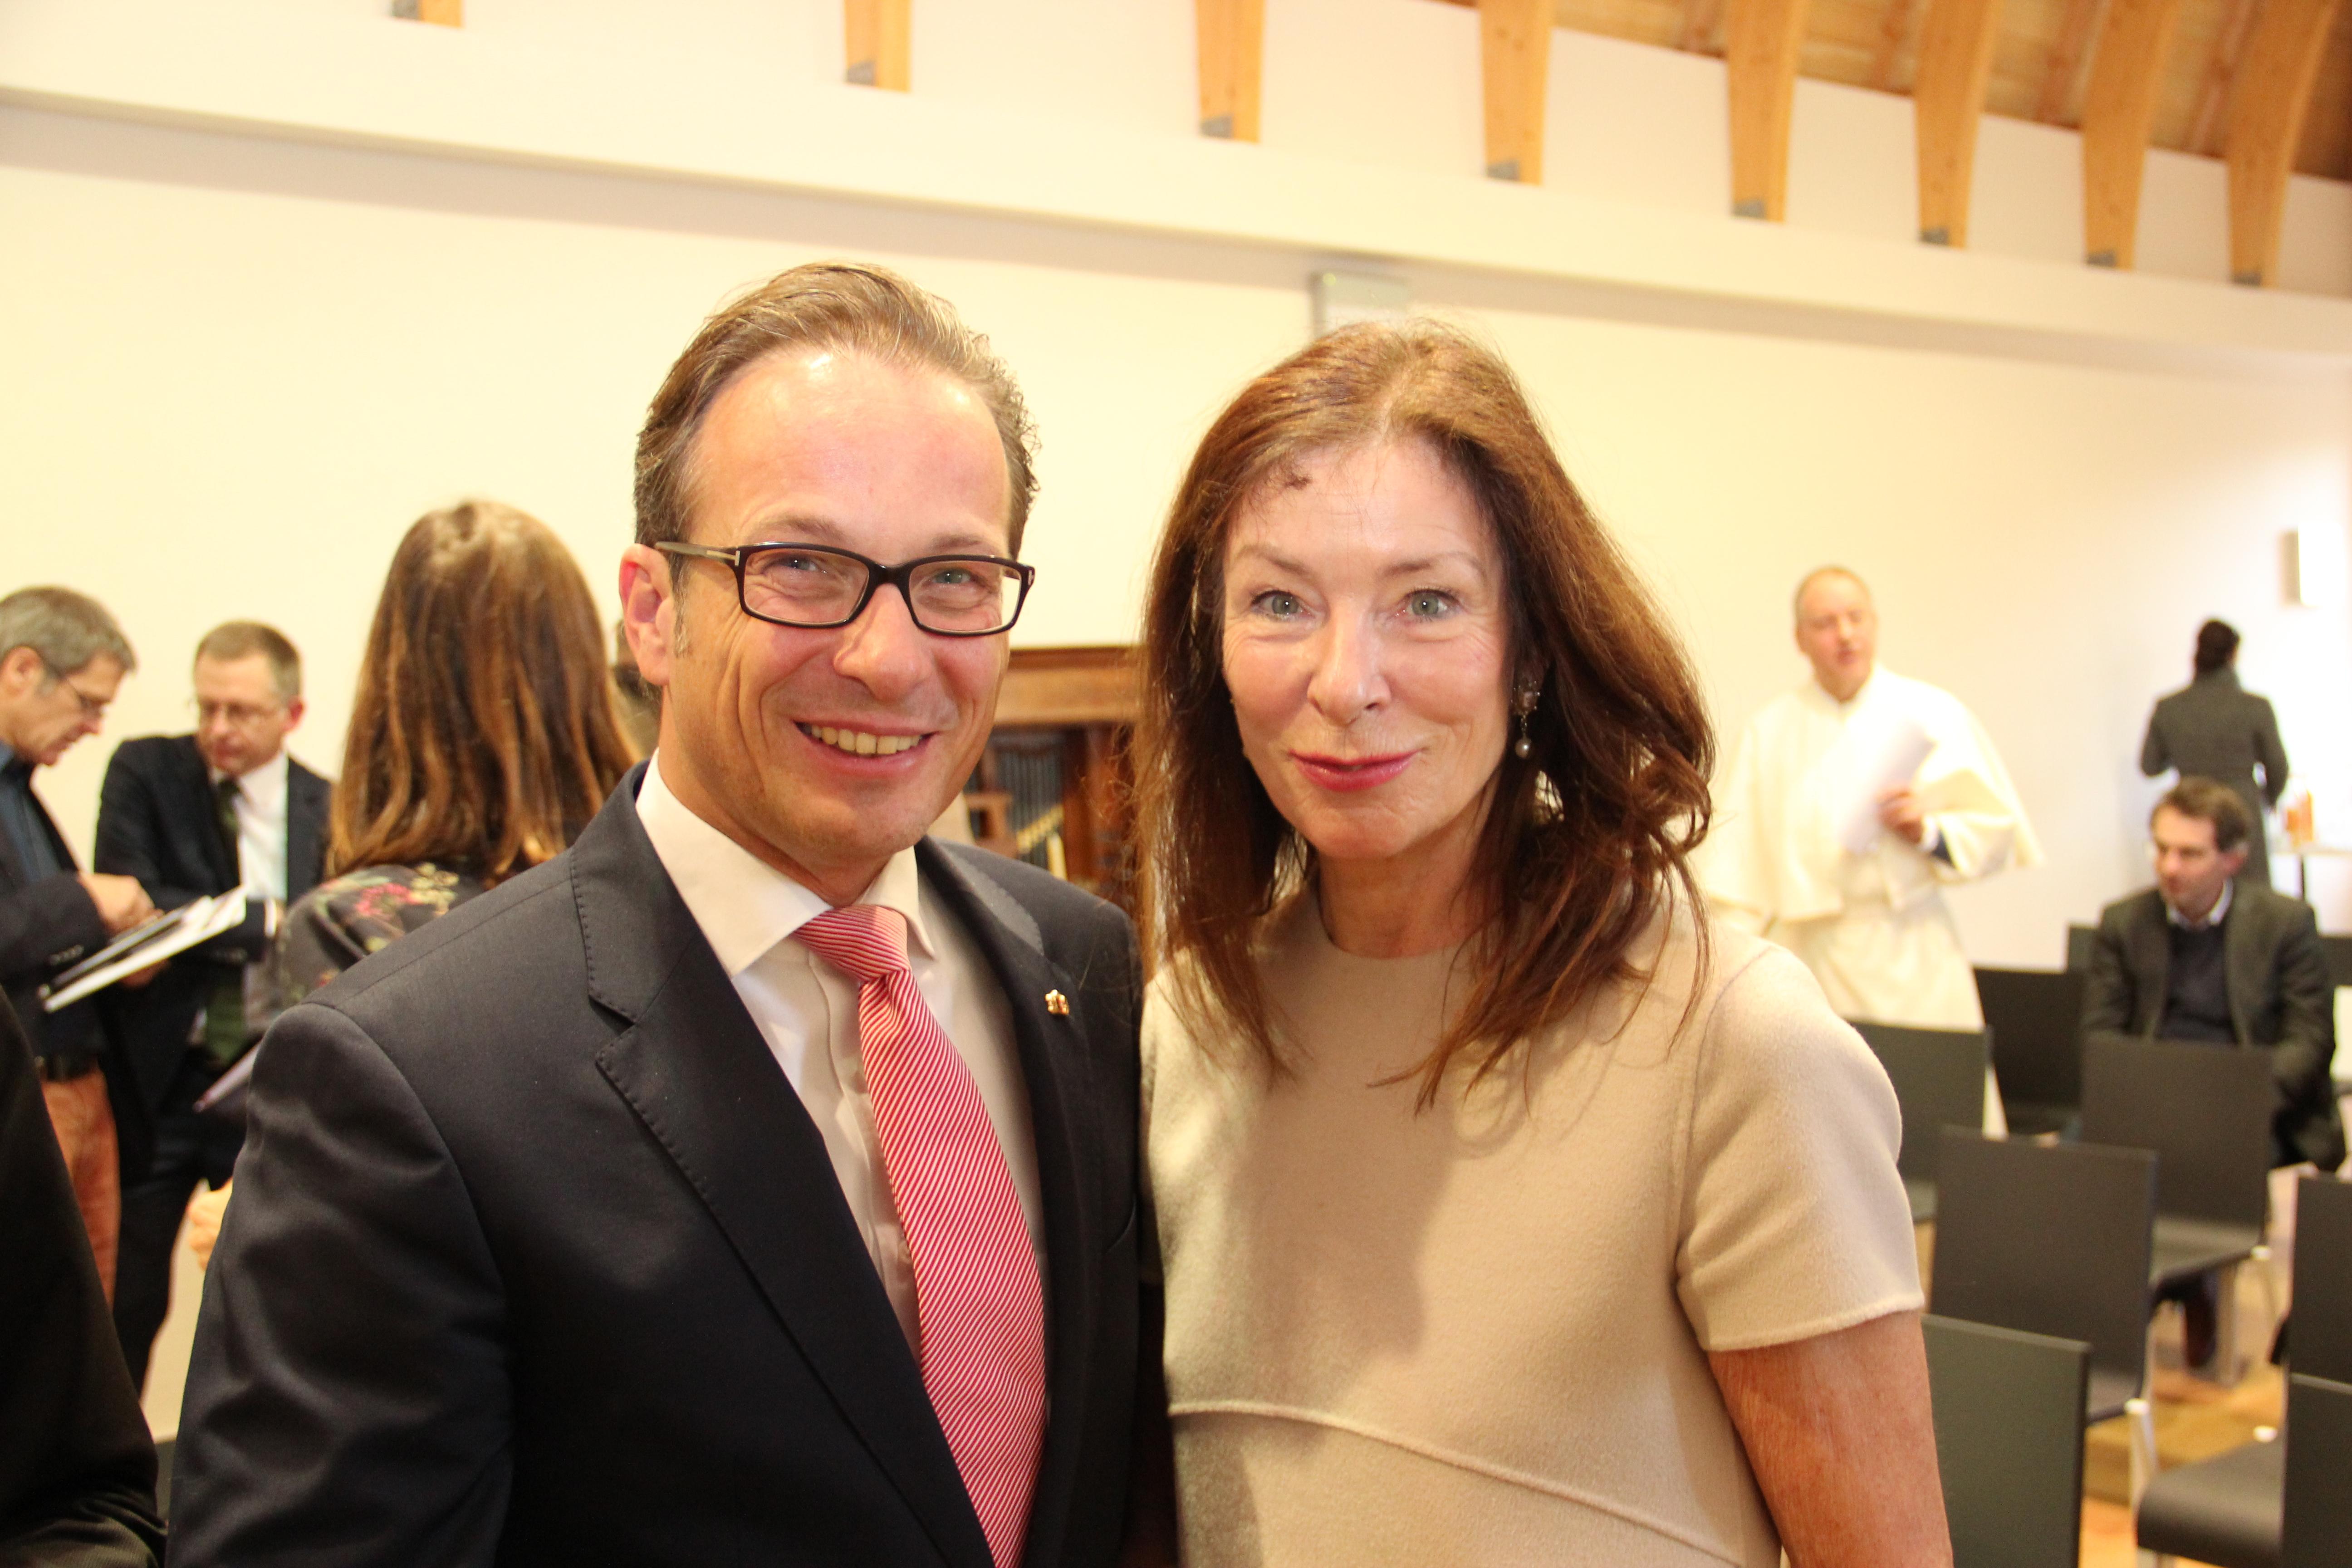 Bürgermeister Reiner Breuer mit der Vorsitzenden der deutschen UNESCO-Kommission, Dr. Verena Metze-Mangold